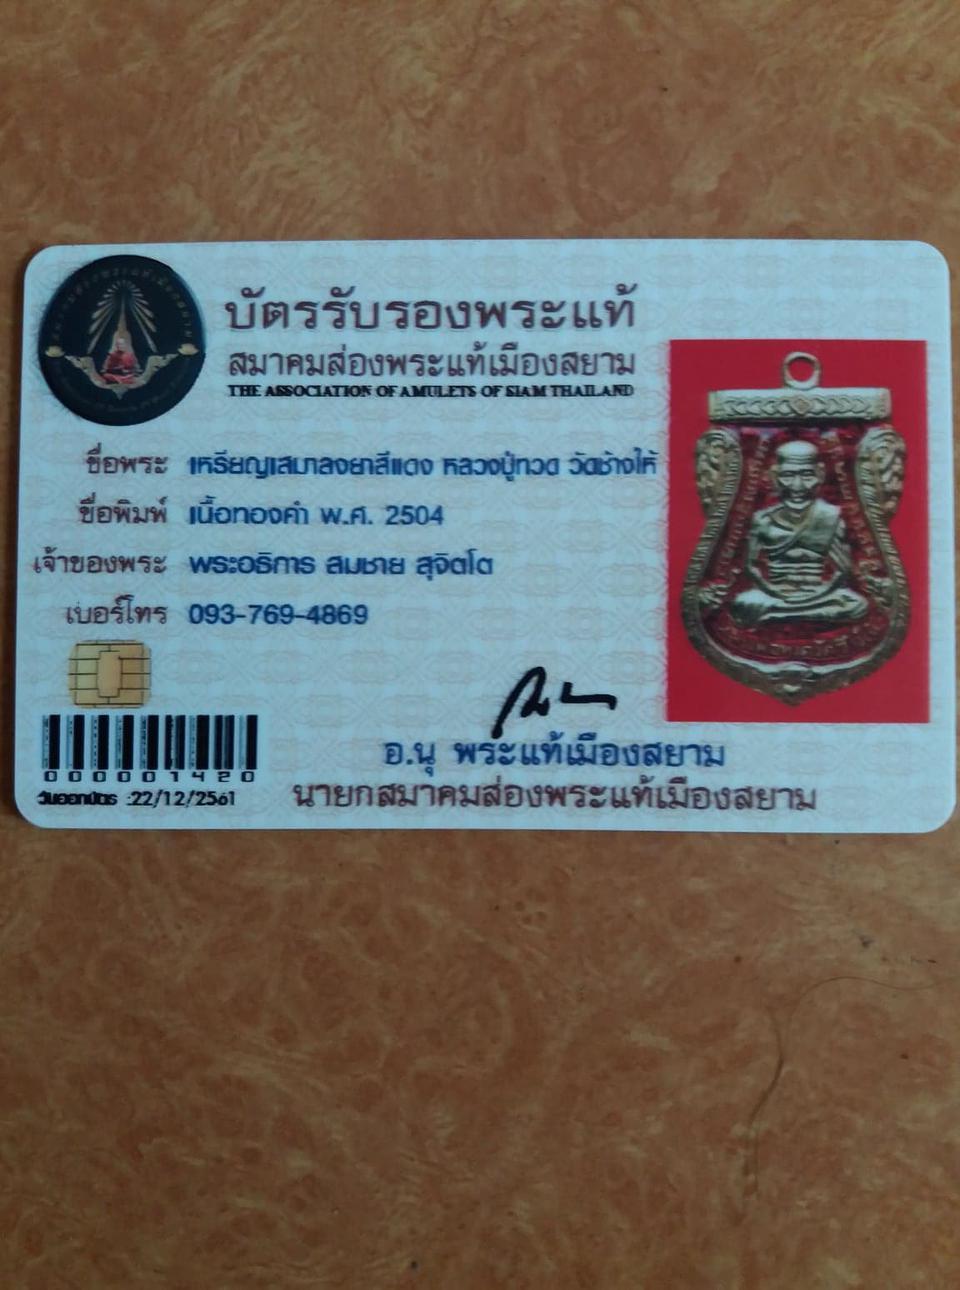 เหรียญลงยาสีแดงวัดช้างให้ปี 04 เนื้อทองคำแท้ สนใจทักมาได้ รูปที่ 2